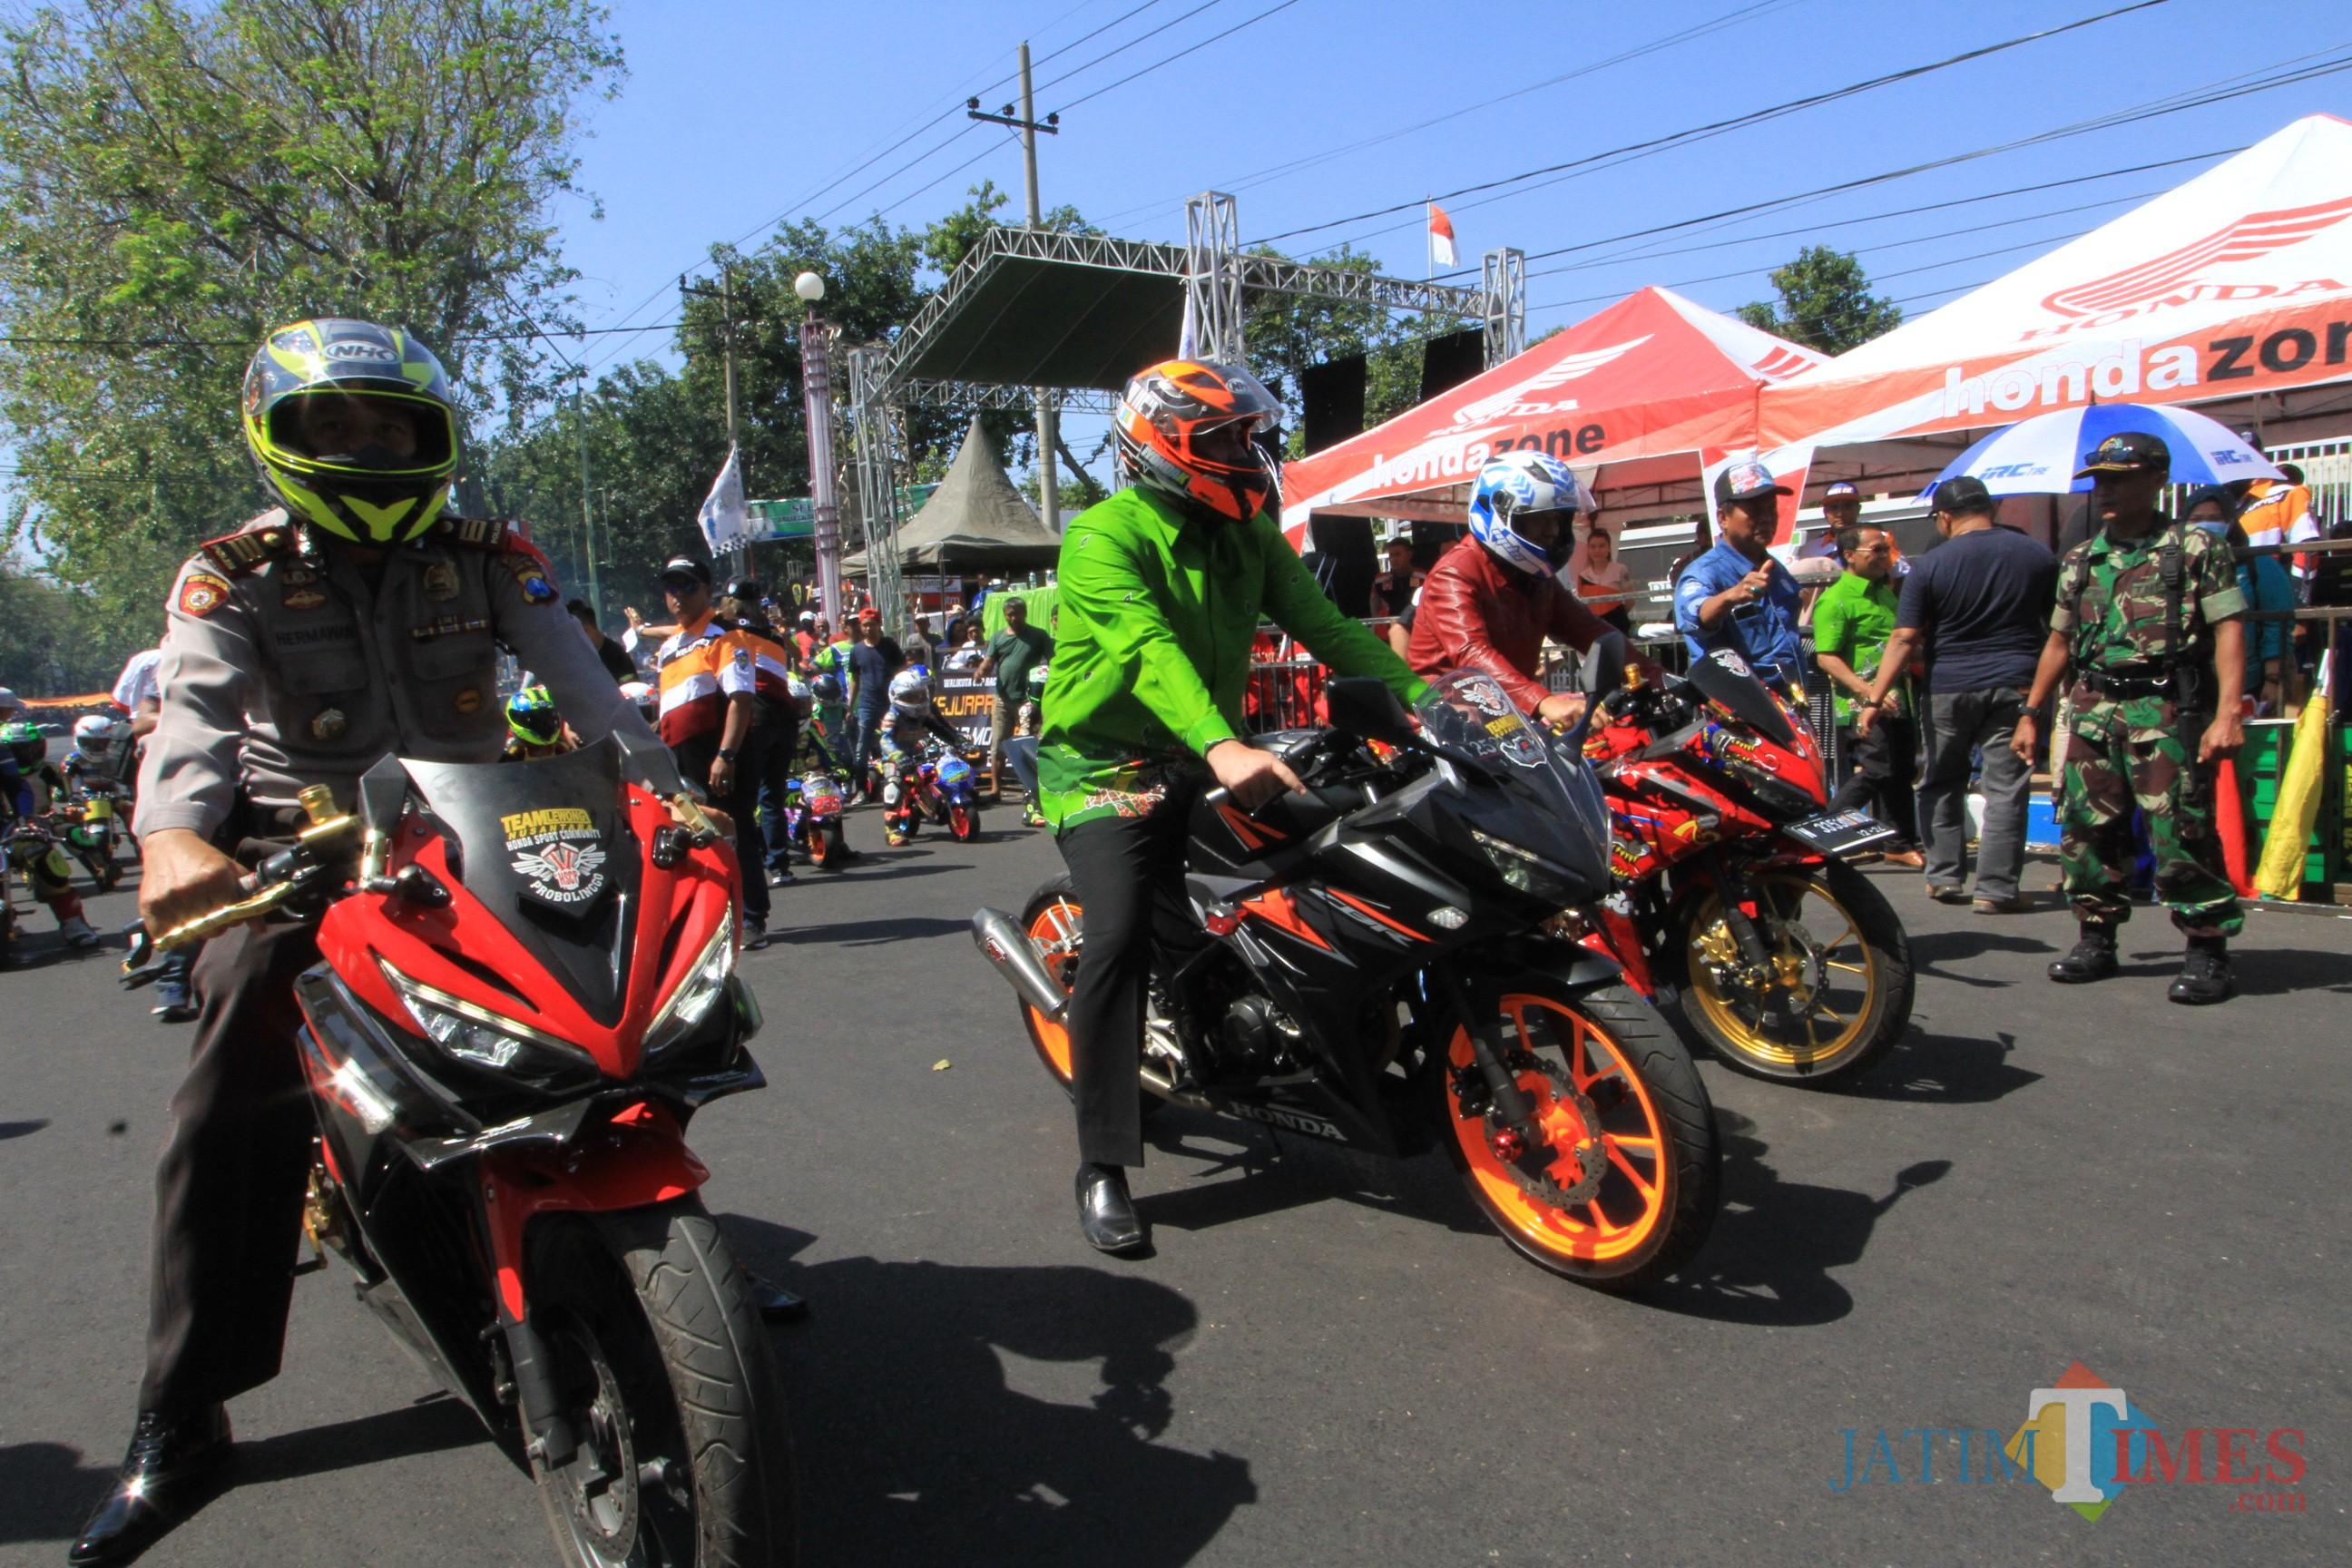 Wali Kota  Probolinggo, Hadi Zainal Abidin (Pakai Baju Hijau Tengah) saat menjajal sirkuit Jalan Panglima Sudirman (Agus Salam/Jatim TIMES)